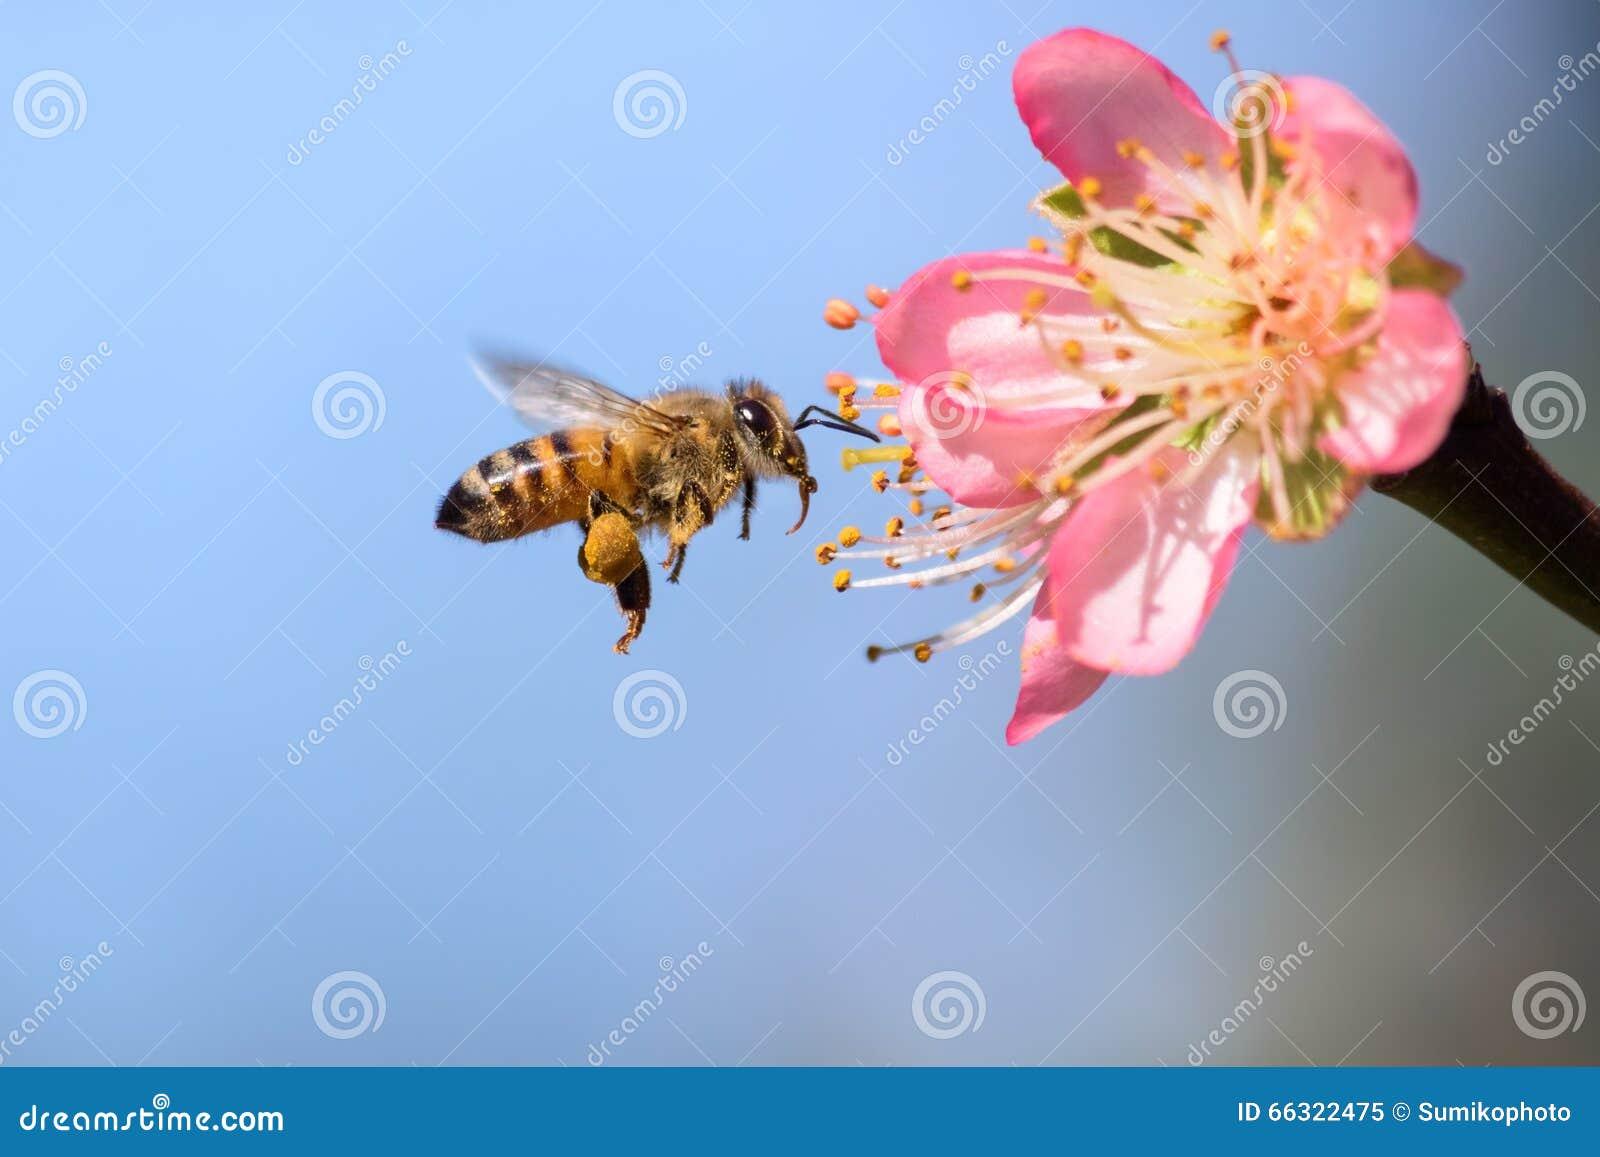 飞行的蜜蜂离开金桃子花